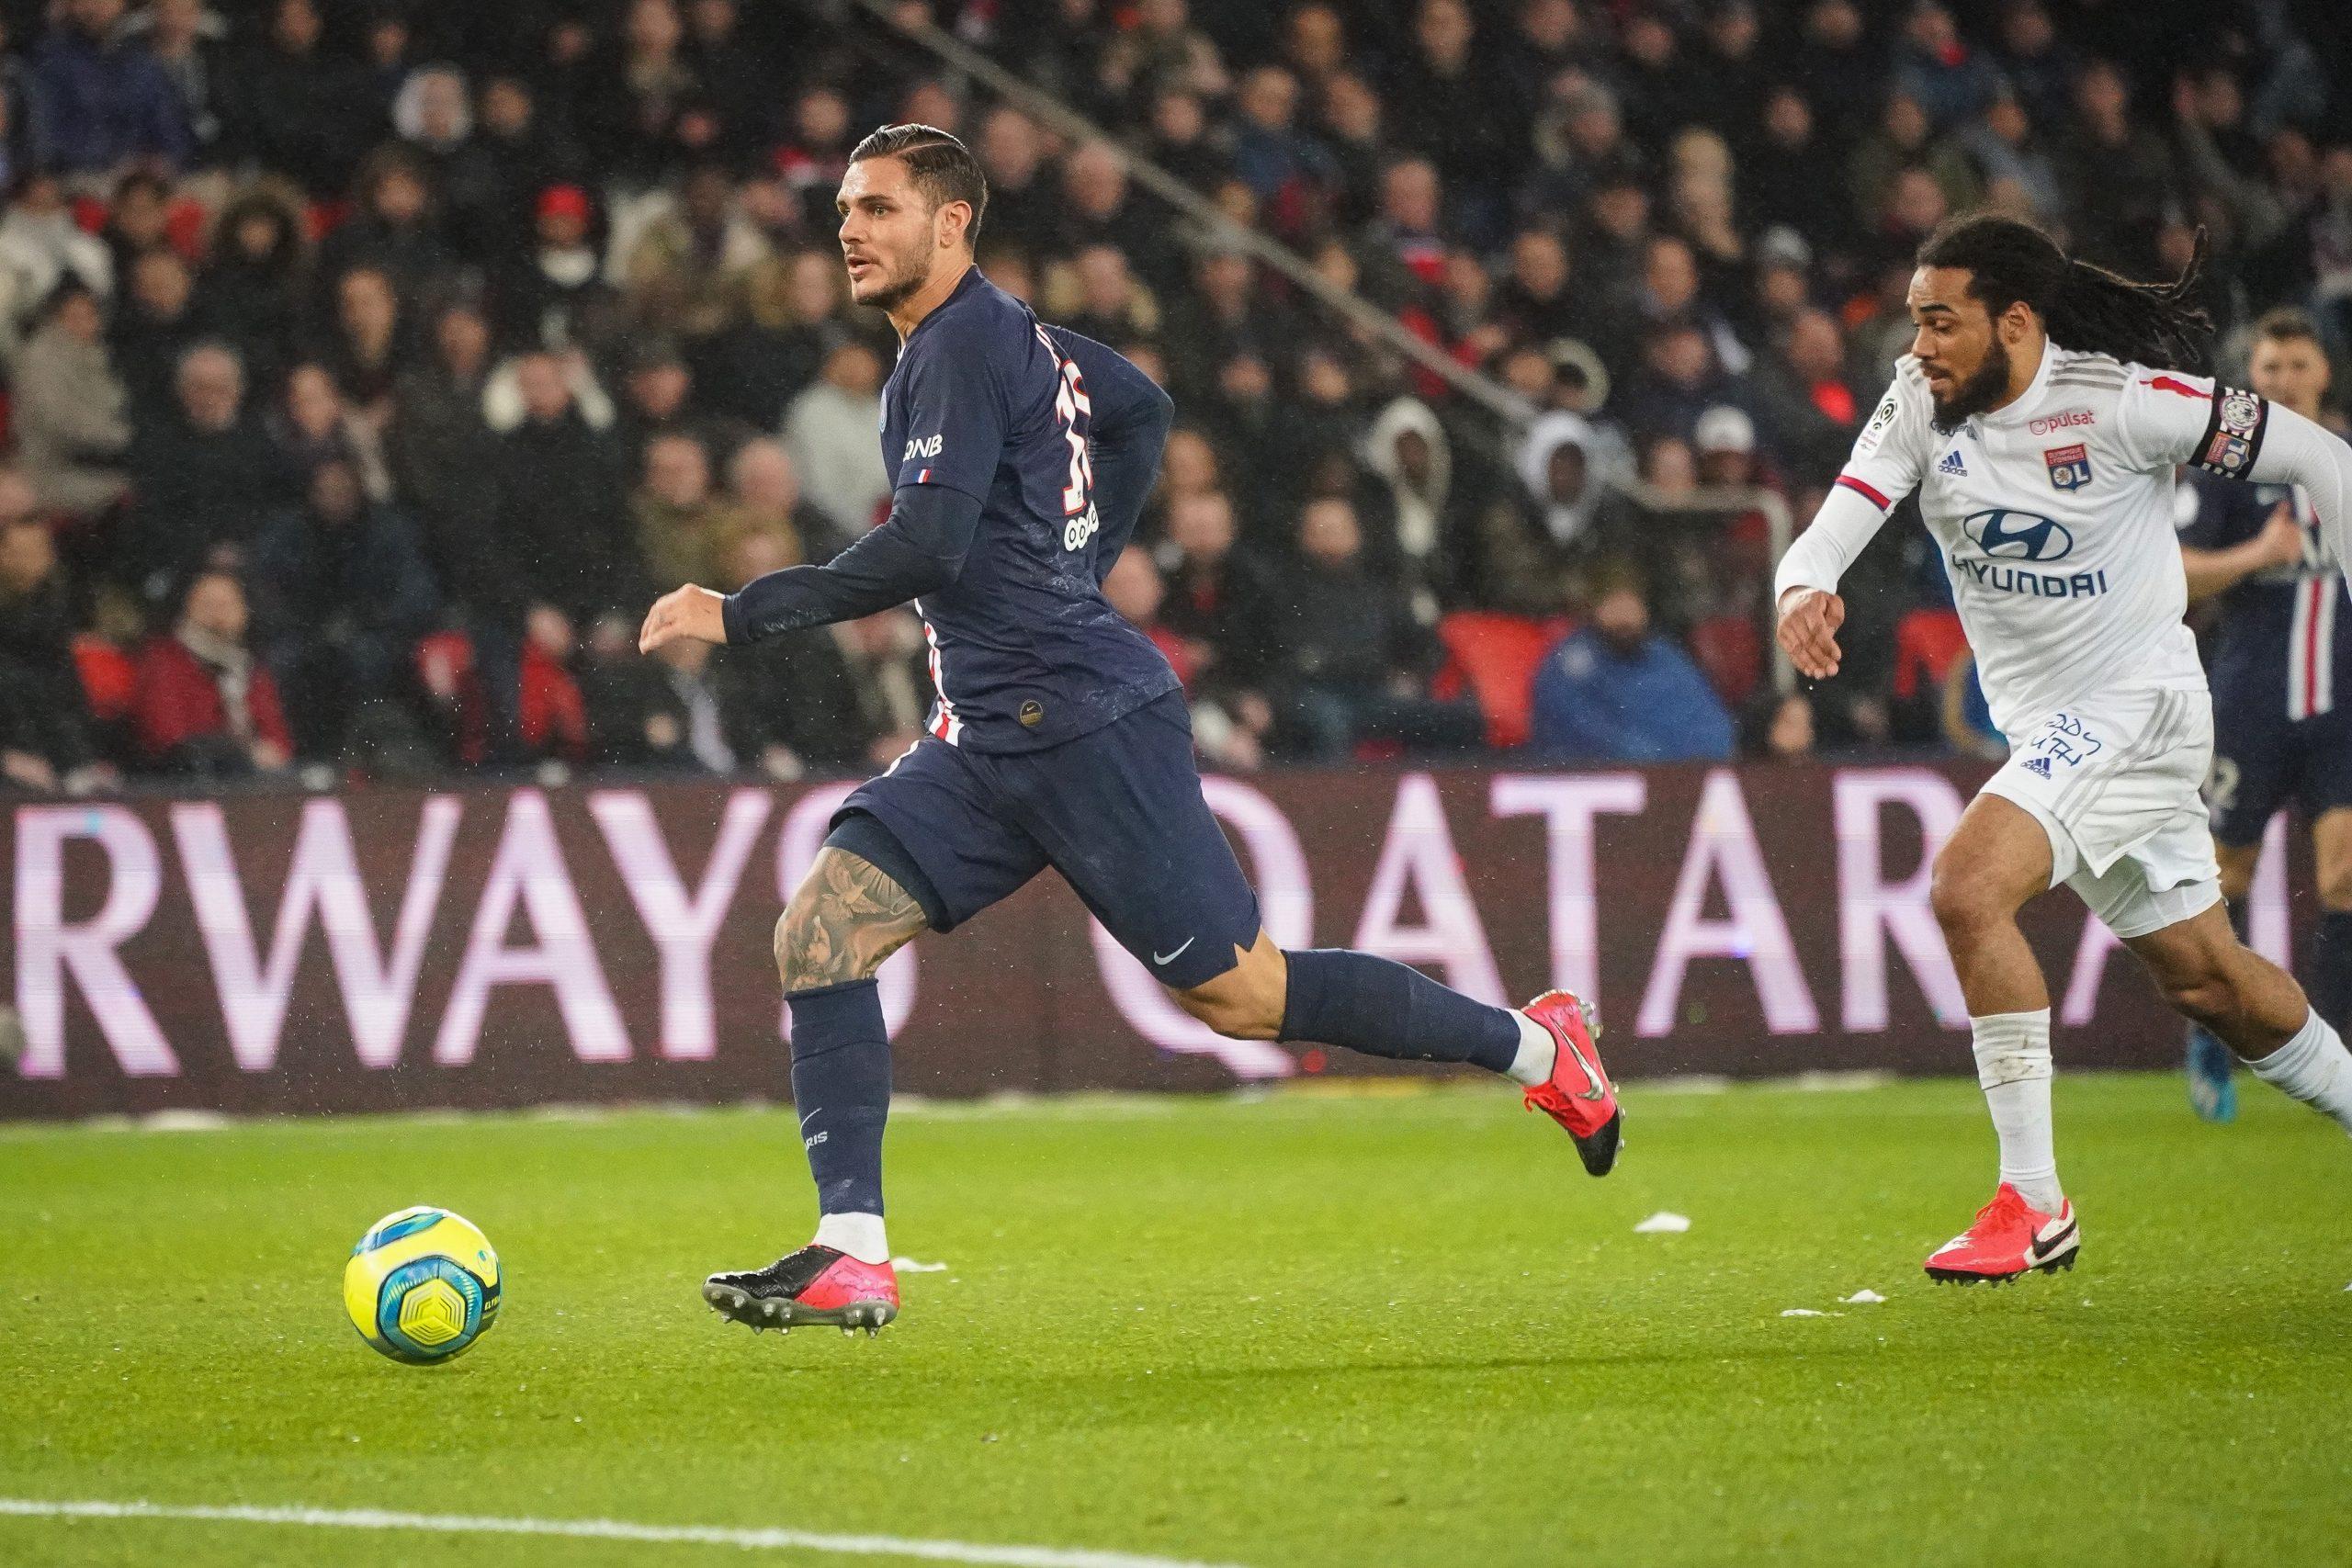 Mercato - Icardi et le PSG ont des doutes, la Juventus reste attentive selon Tuttosport